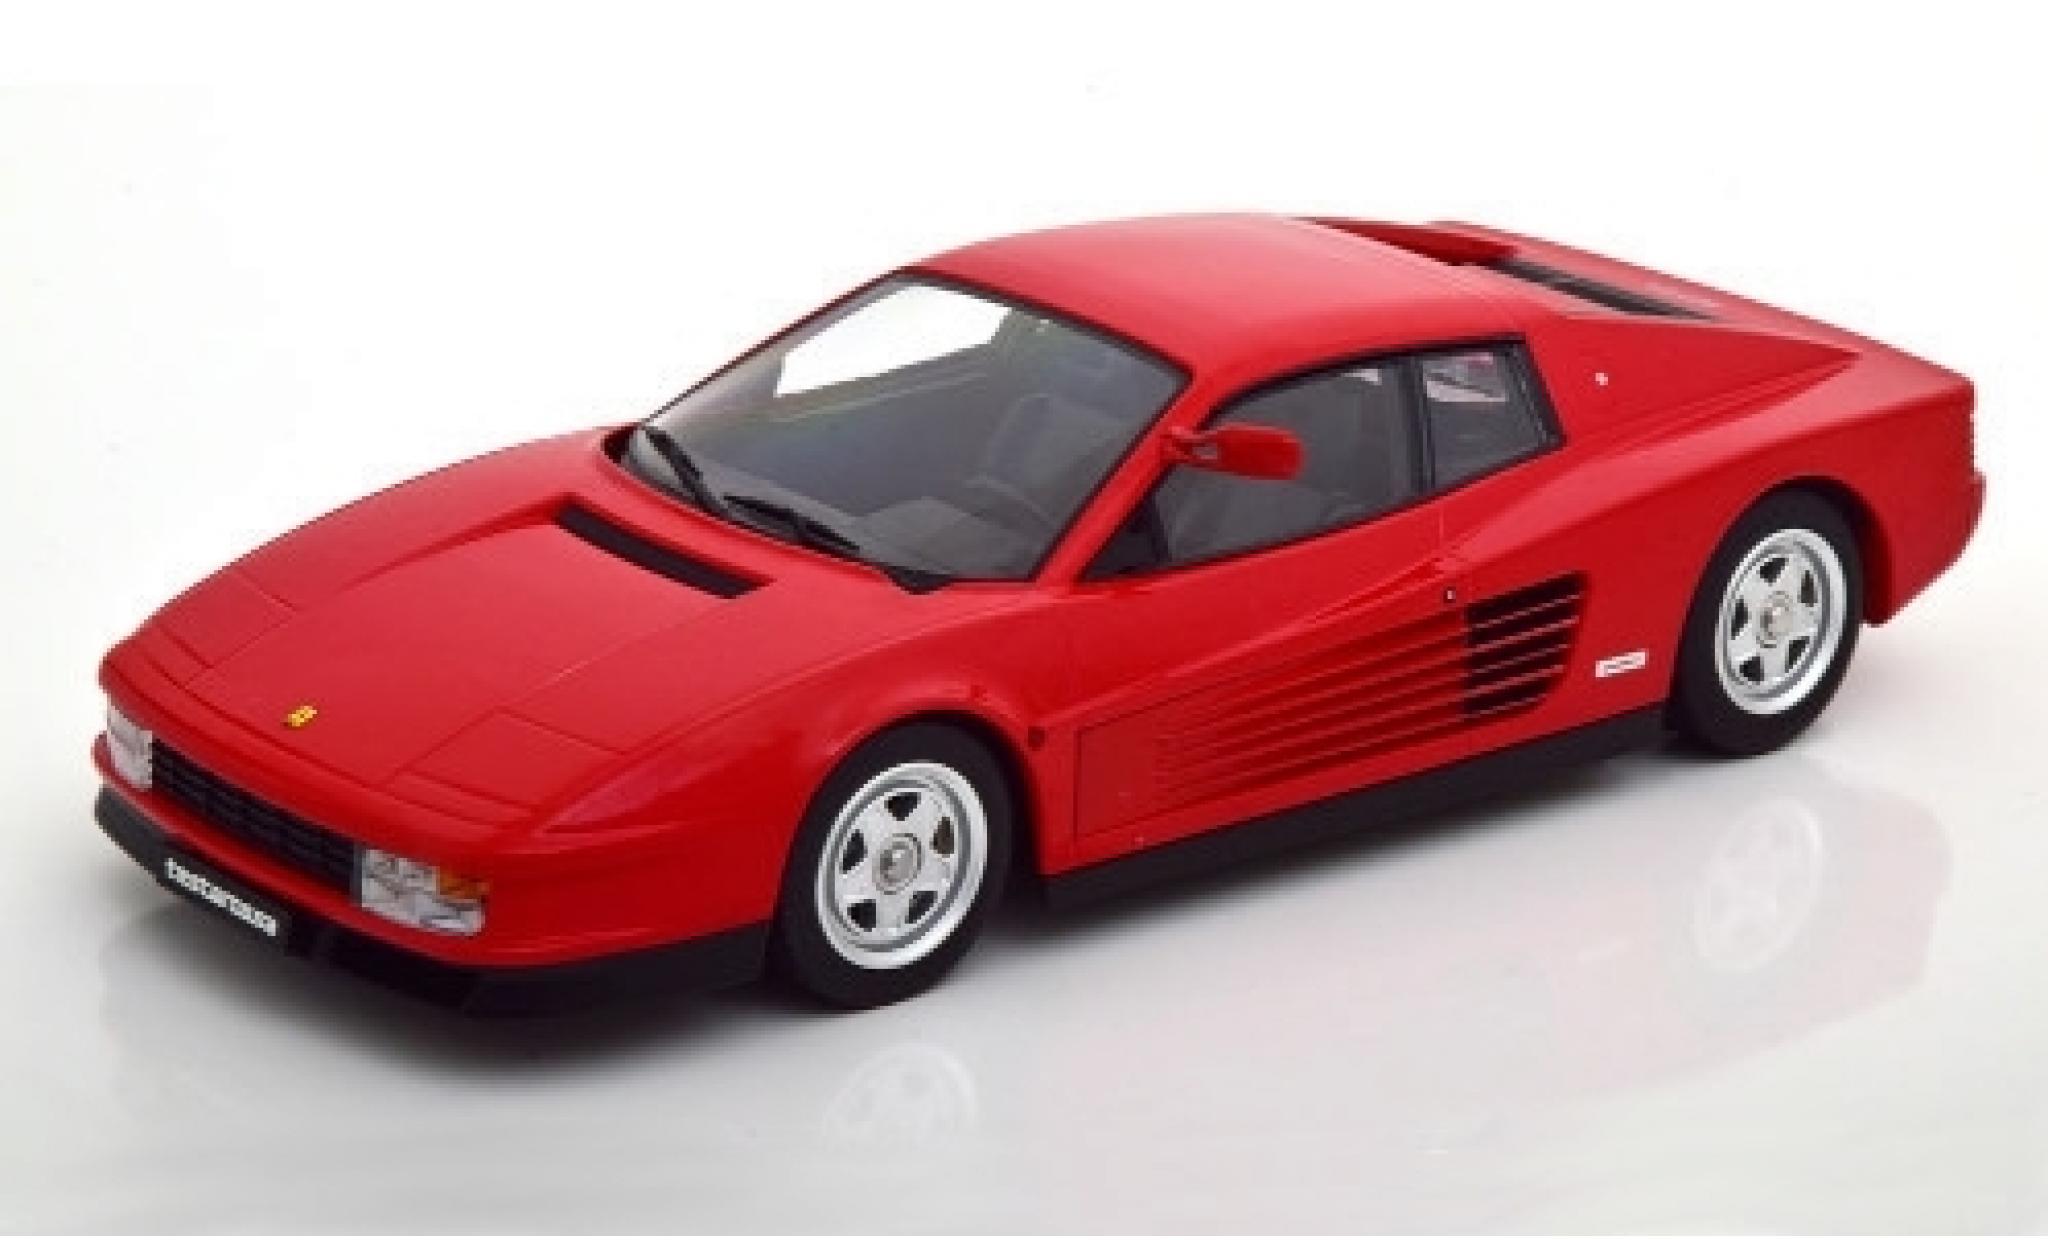 Ferrari Testarossa 1/18 KK Scale rouge 1984 Monospecchio